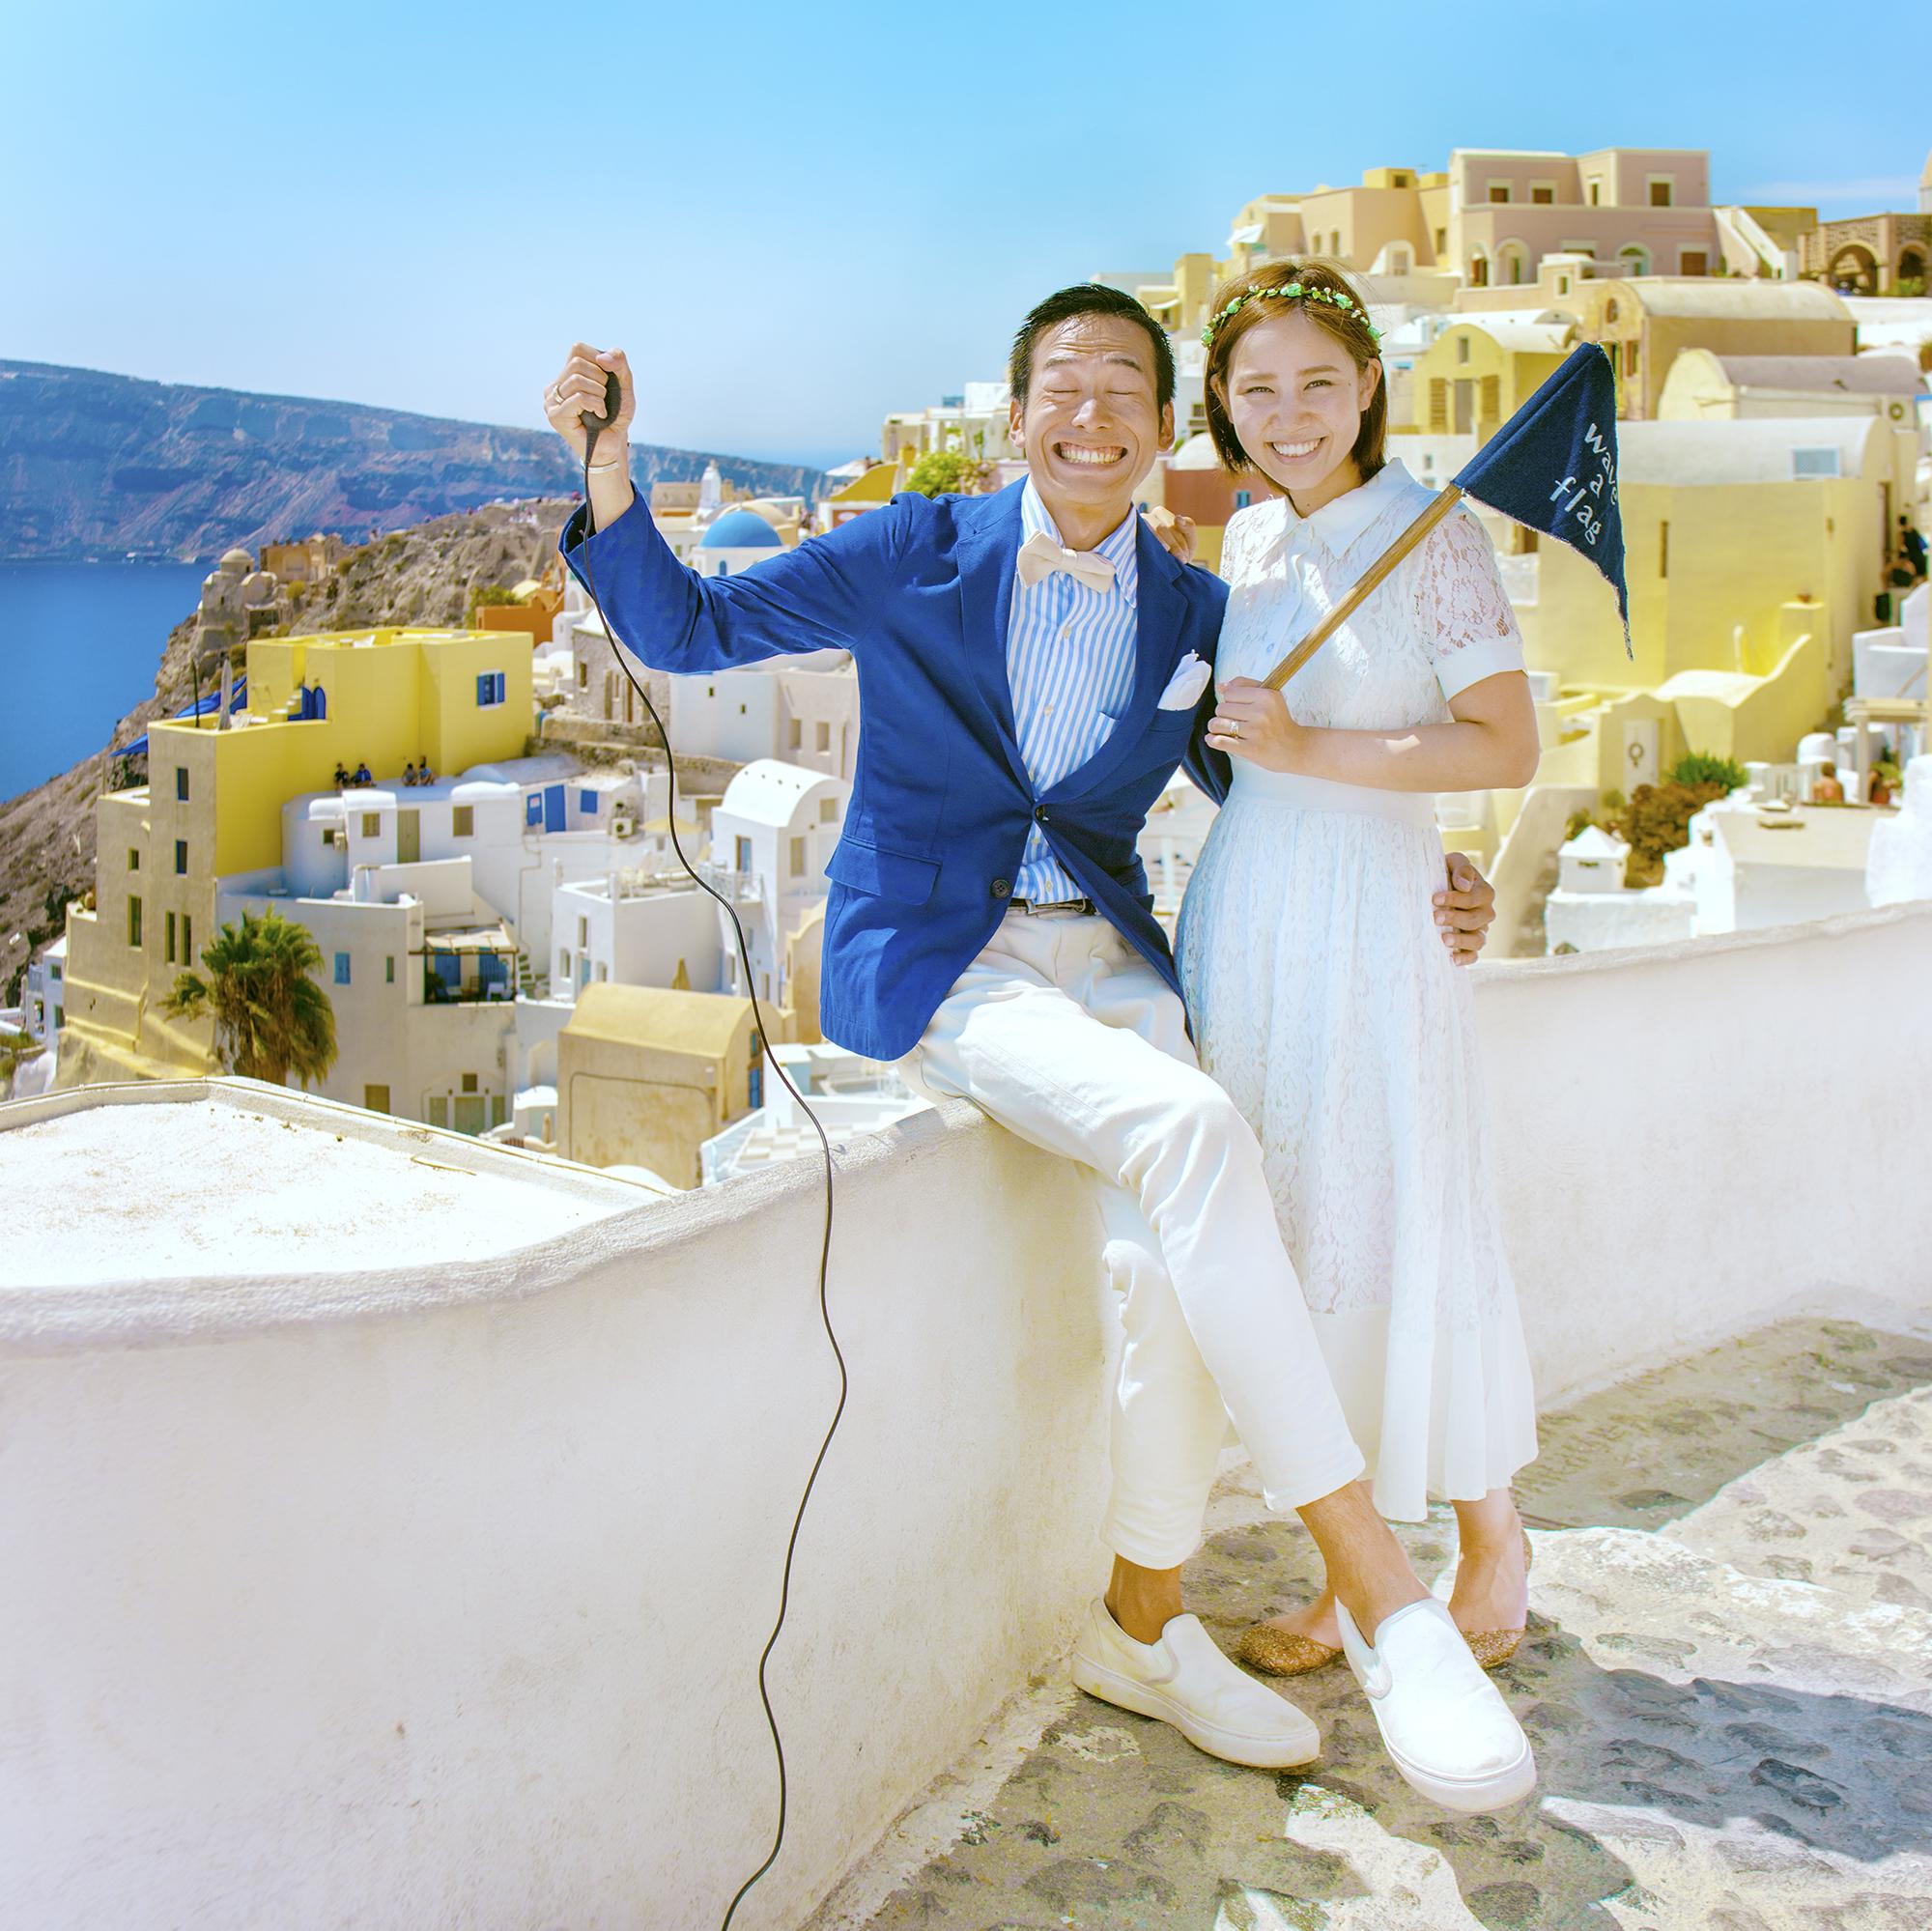 Santorini, Greek / 산토리니, 그리스 / サントリーニ, ギリシャ